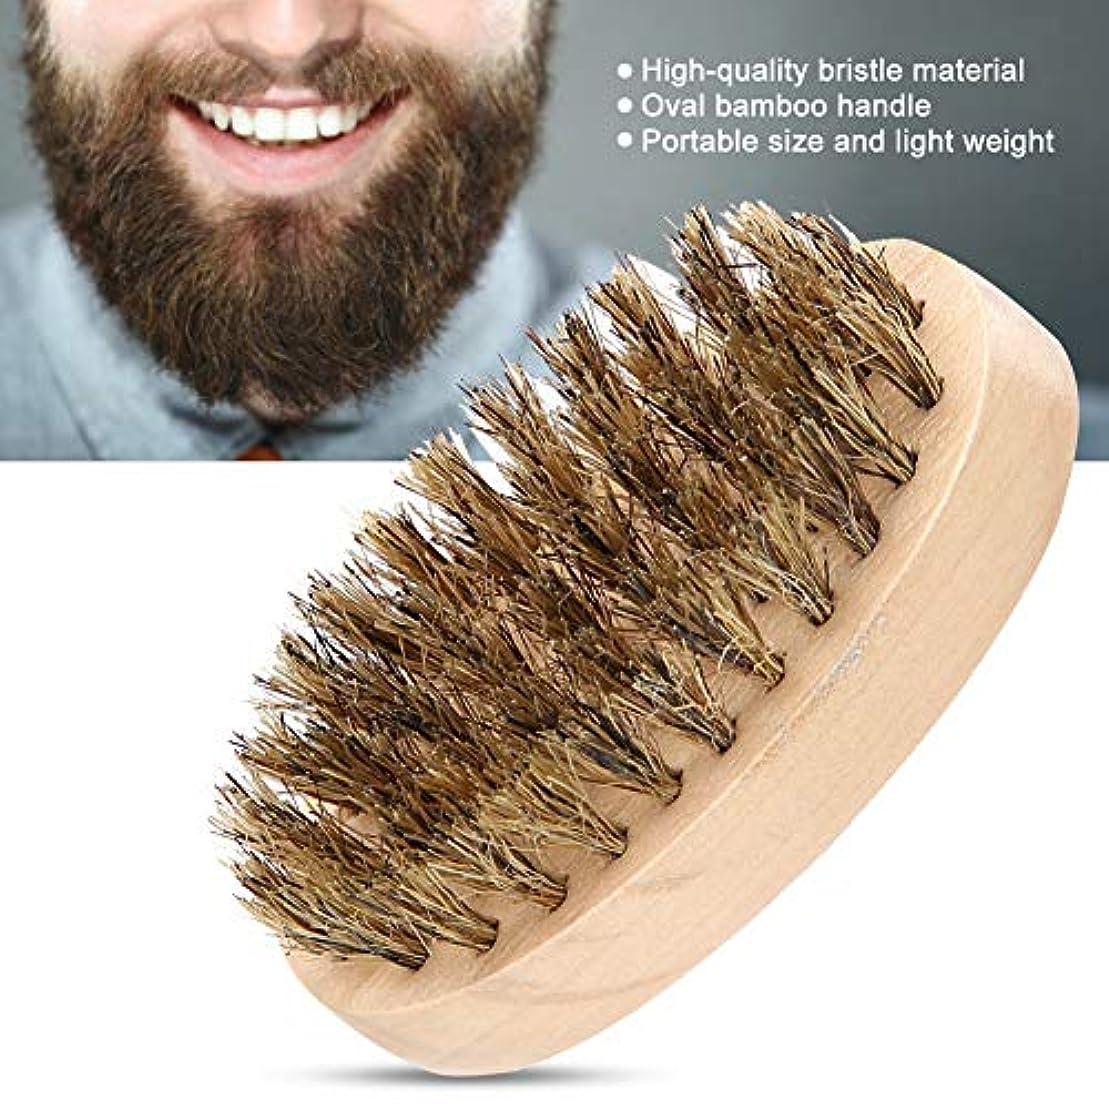 砦通訳破裂柔らかいひげのブラシ 男性の柔らかい毛のComの櫛の楕円形のタケハンドルのひげの形成用具